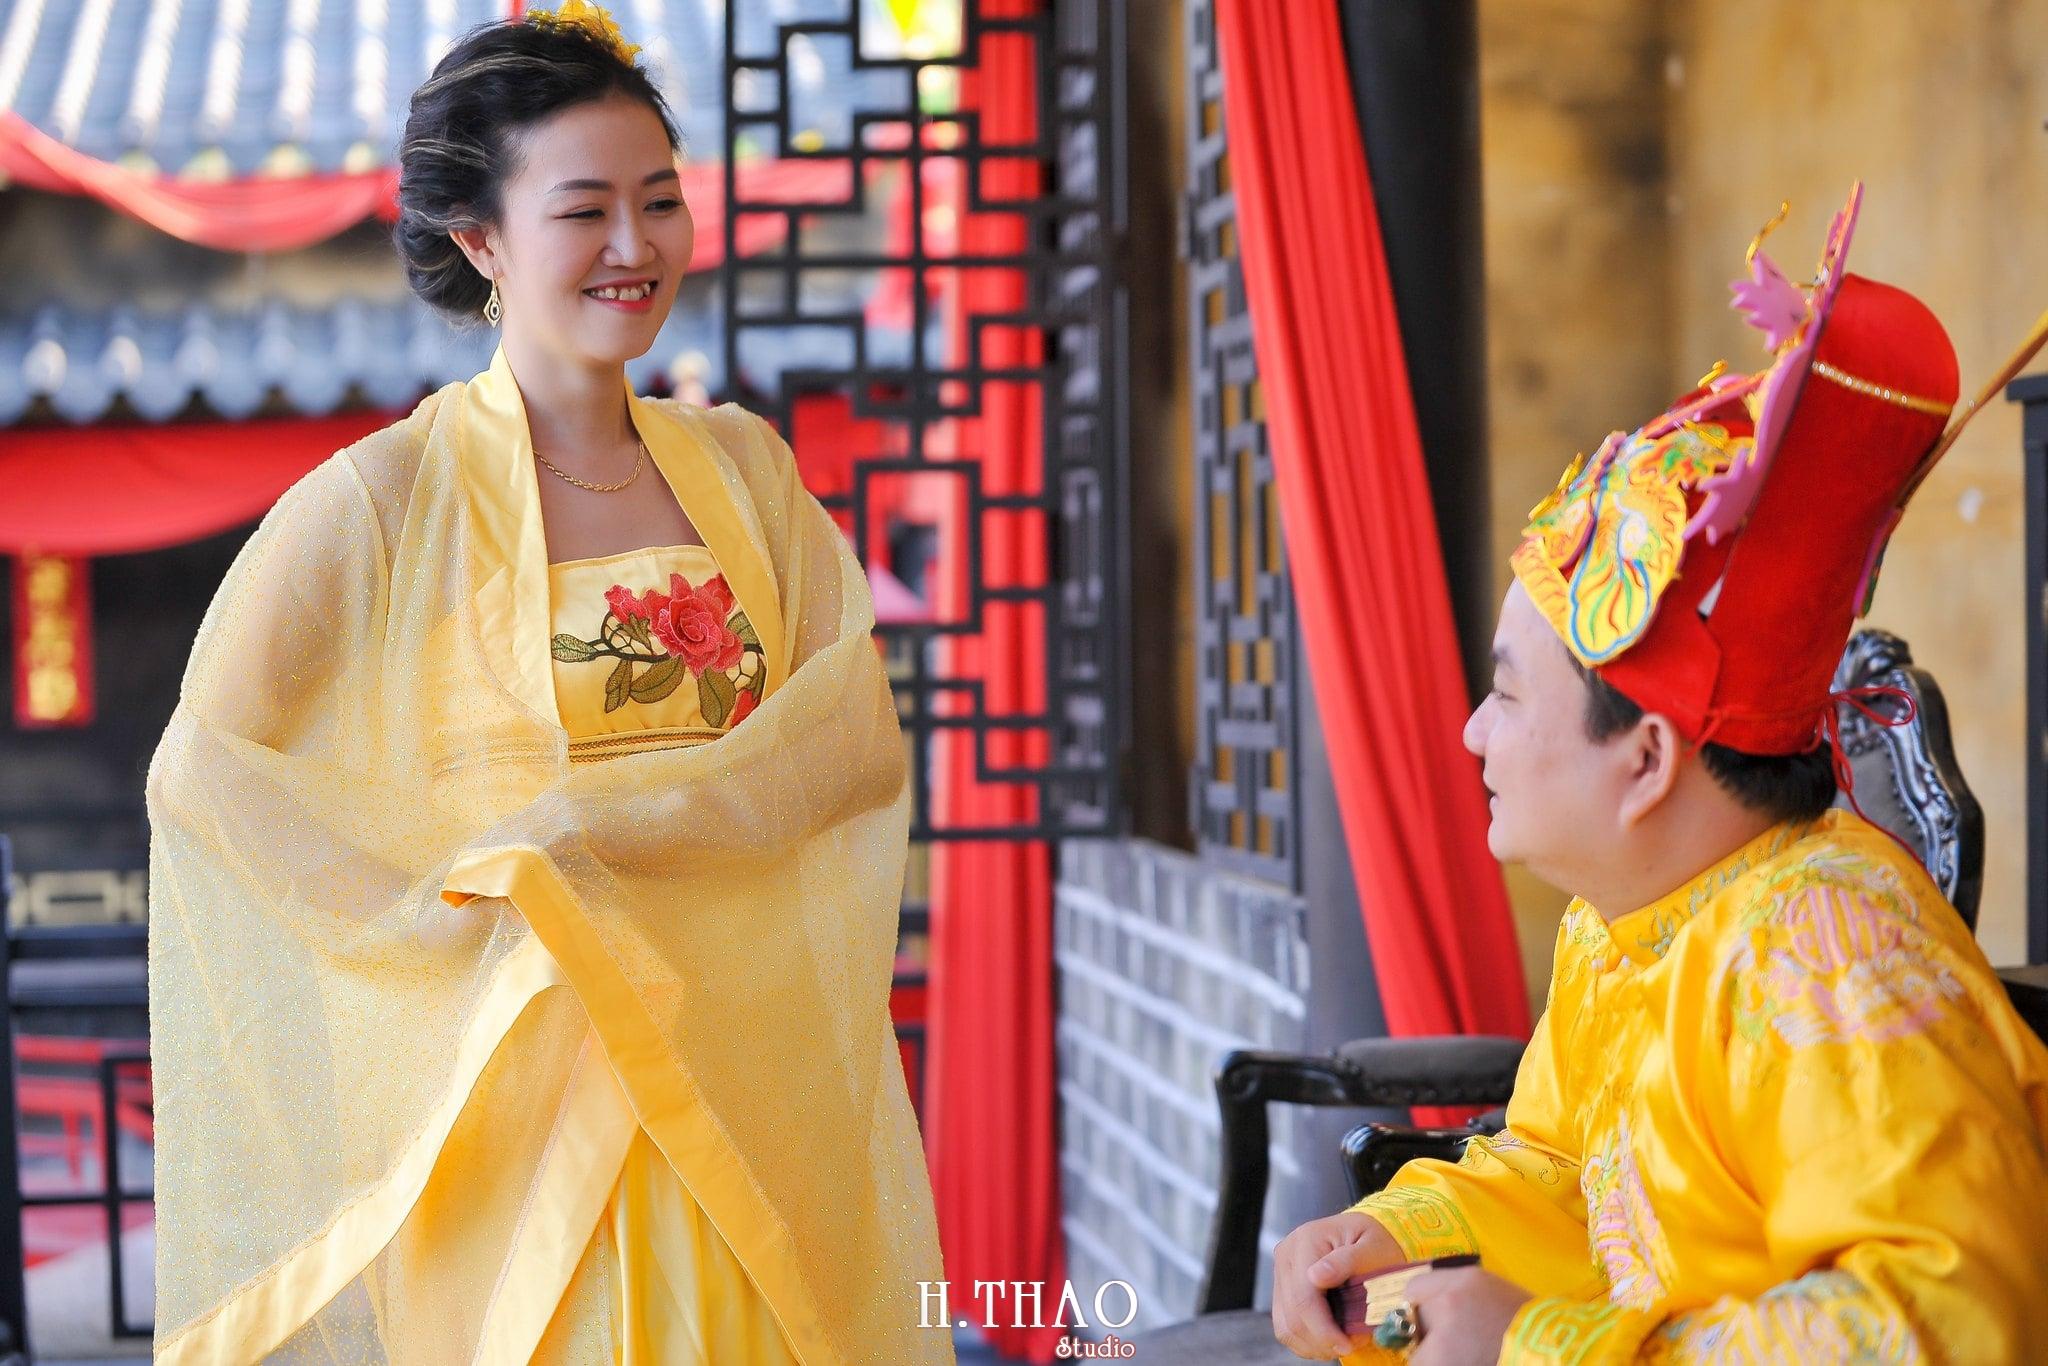 Anh co trang vua va hoang hau 8 - Bộ ảnh couple chụp theo phong cách cổ trang Vua - Hoàng Hậu